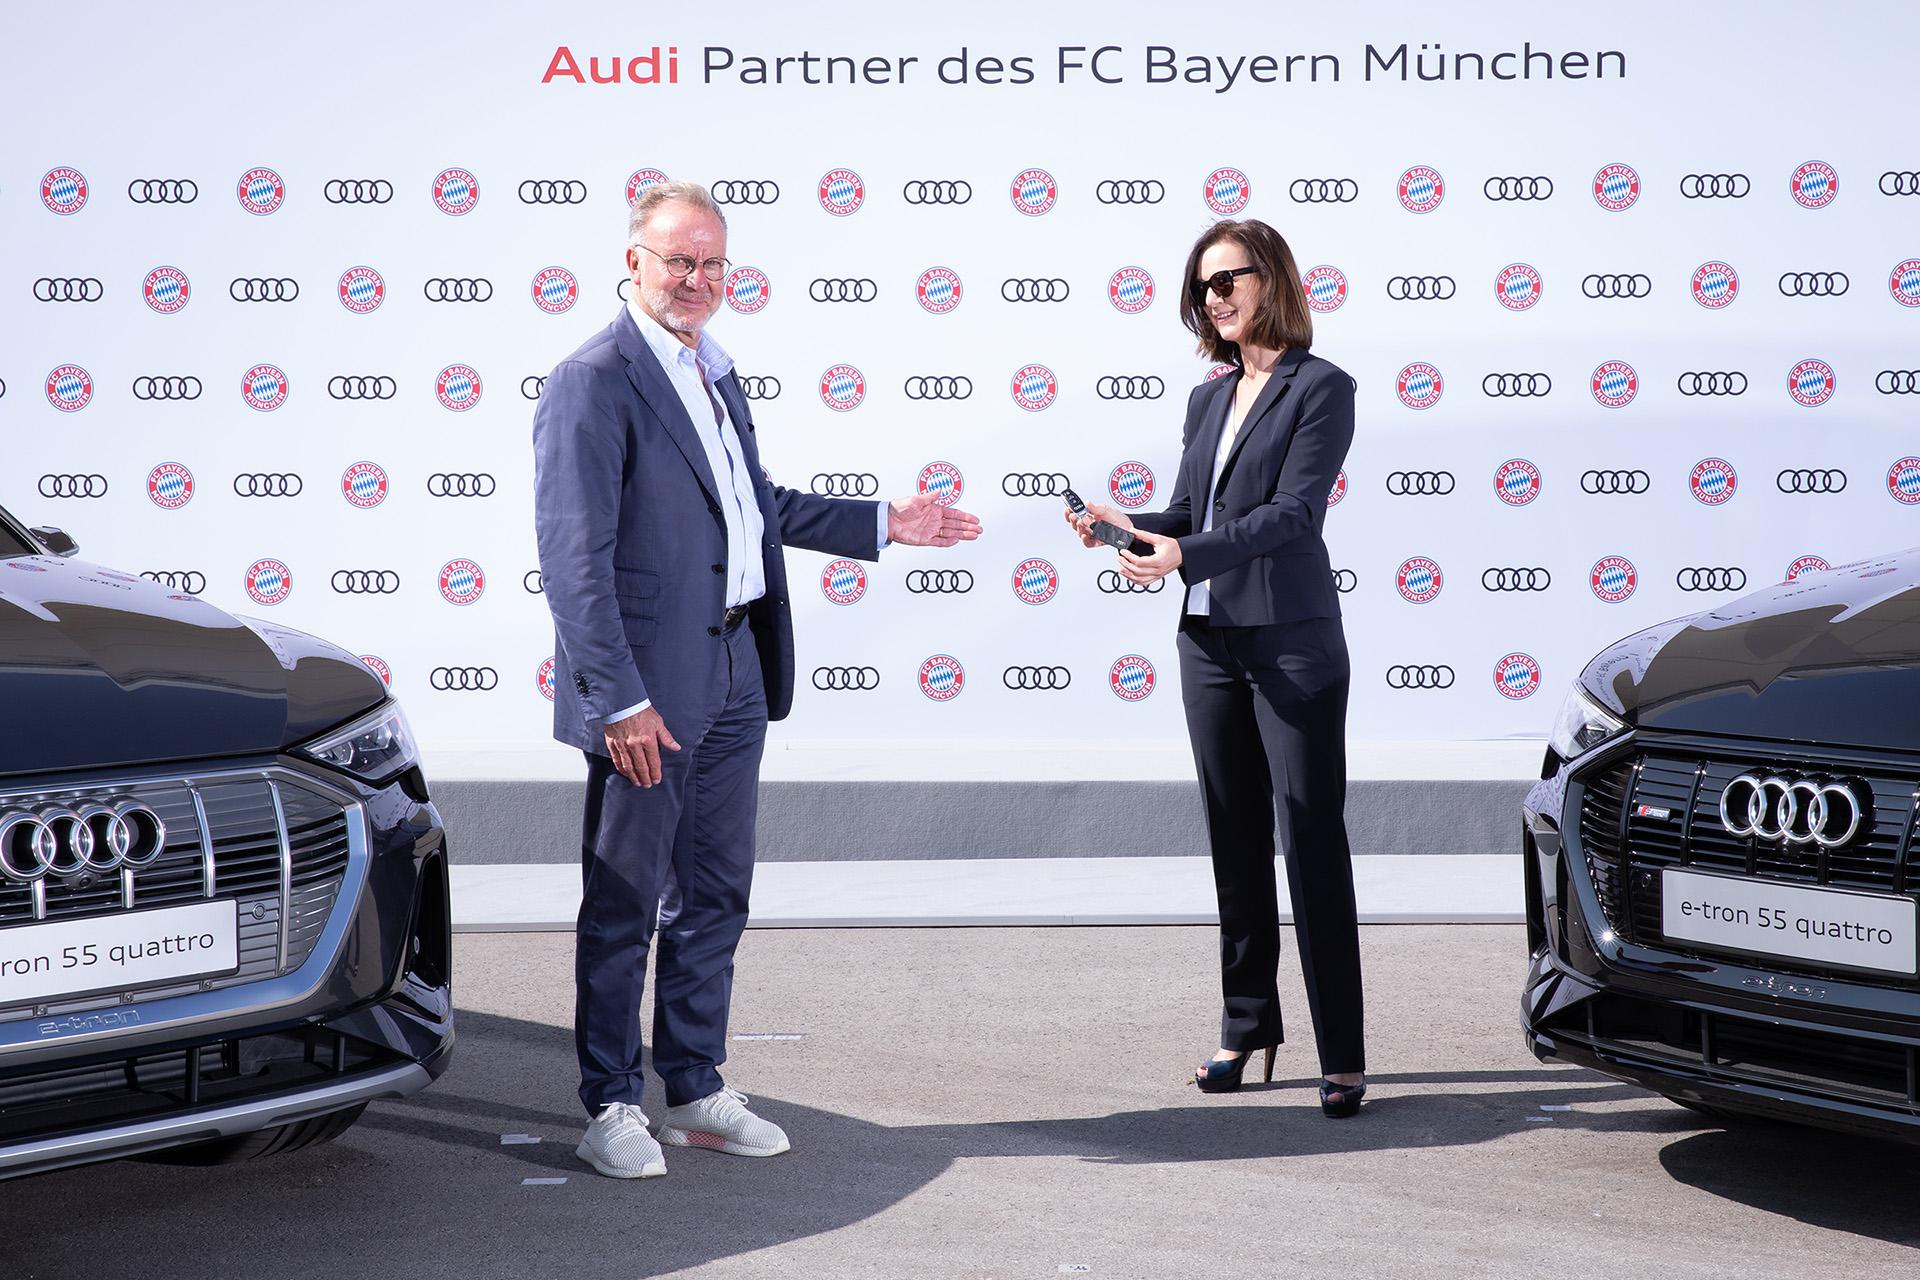 Οι νικητές του Champions League 2019-2020 οδηγούν Audi e-tron